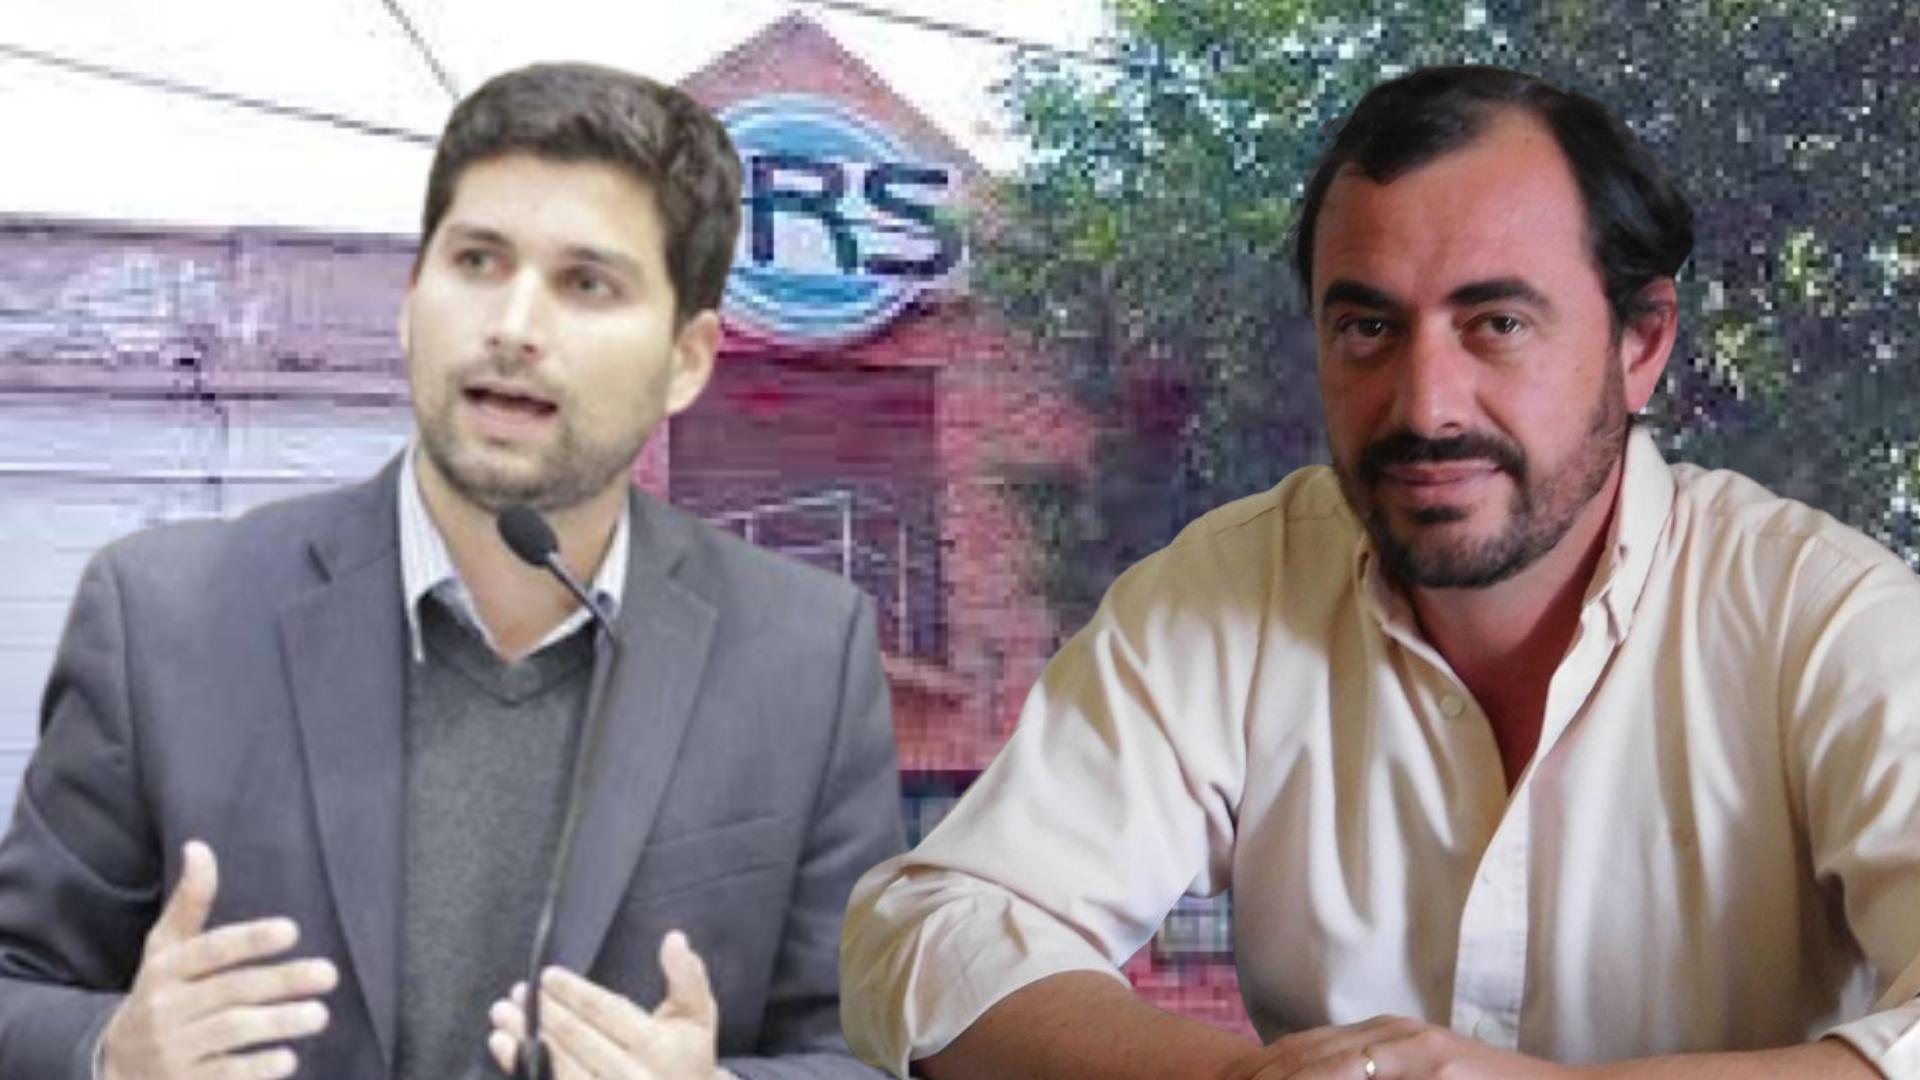 Elecciones en Salta: El PRS le abre la puerta a posibles alianzas electorales